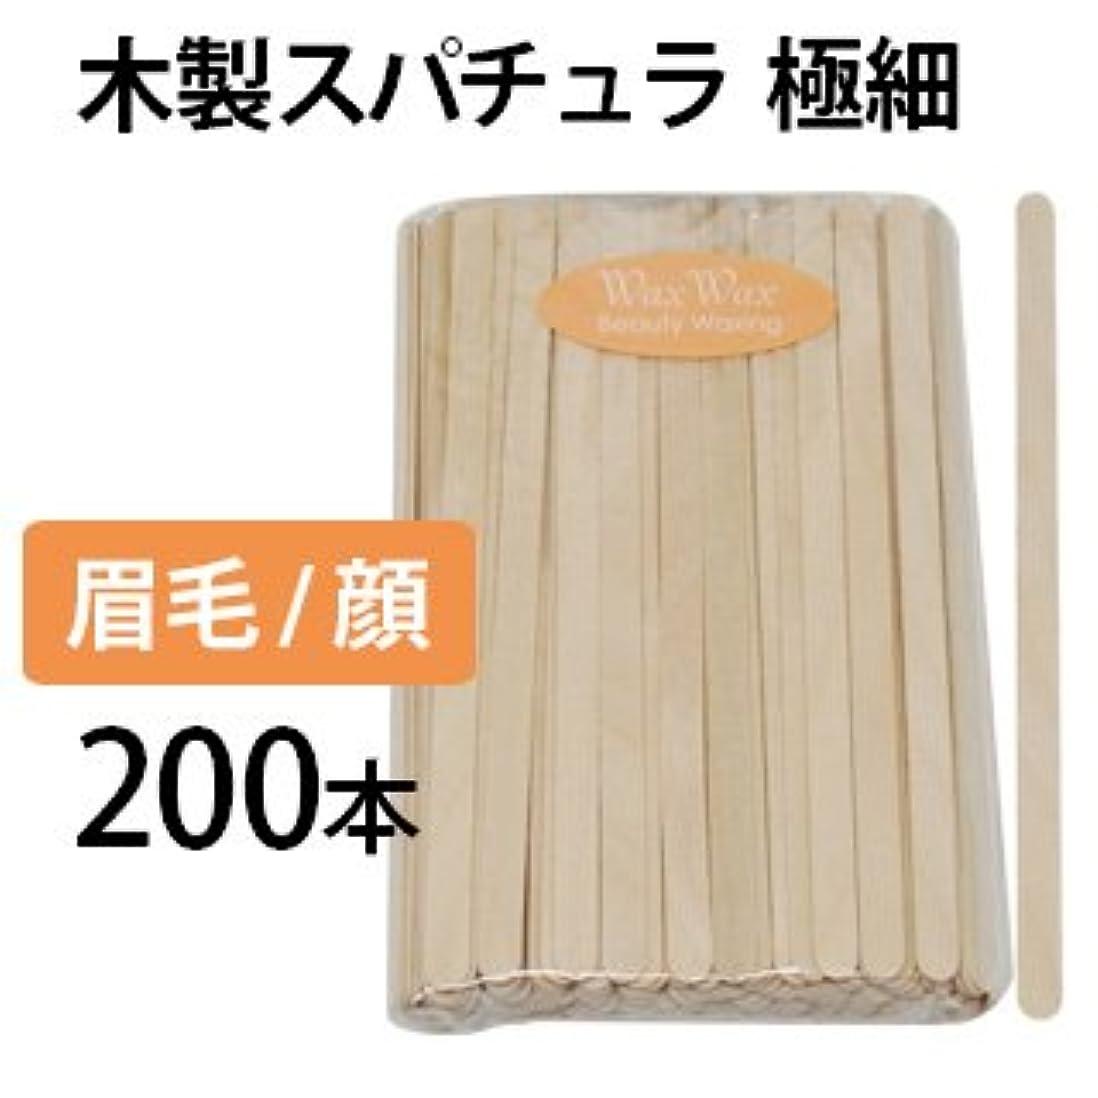 永久に繁栄する妖精眉毛 アイブロウ用スパチュラ 200本セット 極細 木製スパチュラ 使い捨て